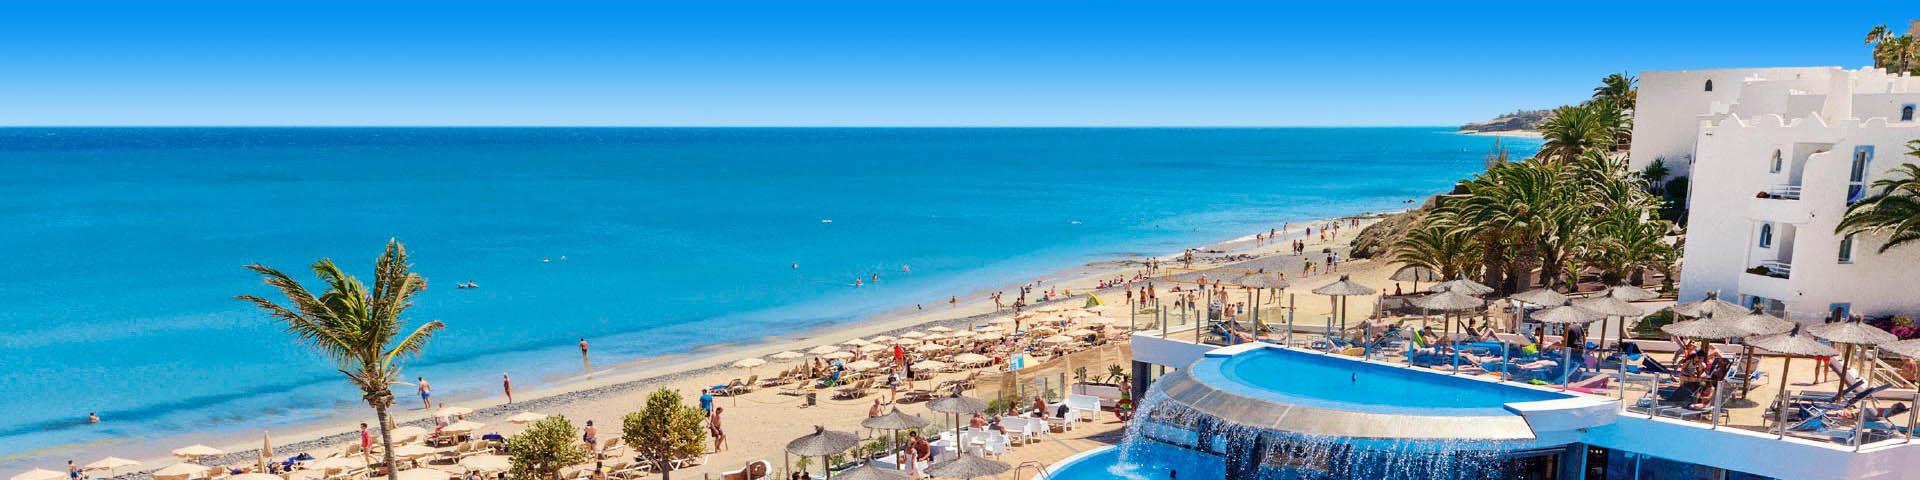 Uitzicht op het zandstrand en helderblauwe zee bij een Allsun hotel